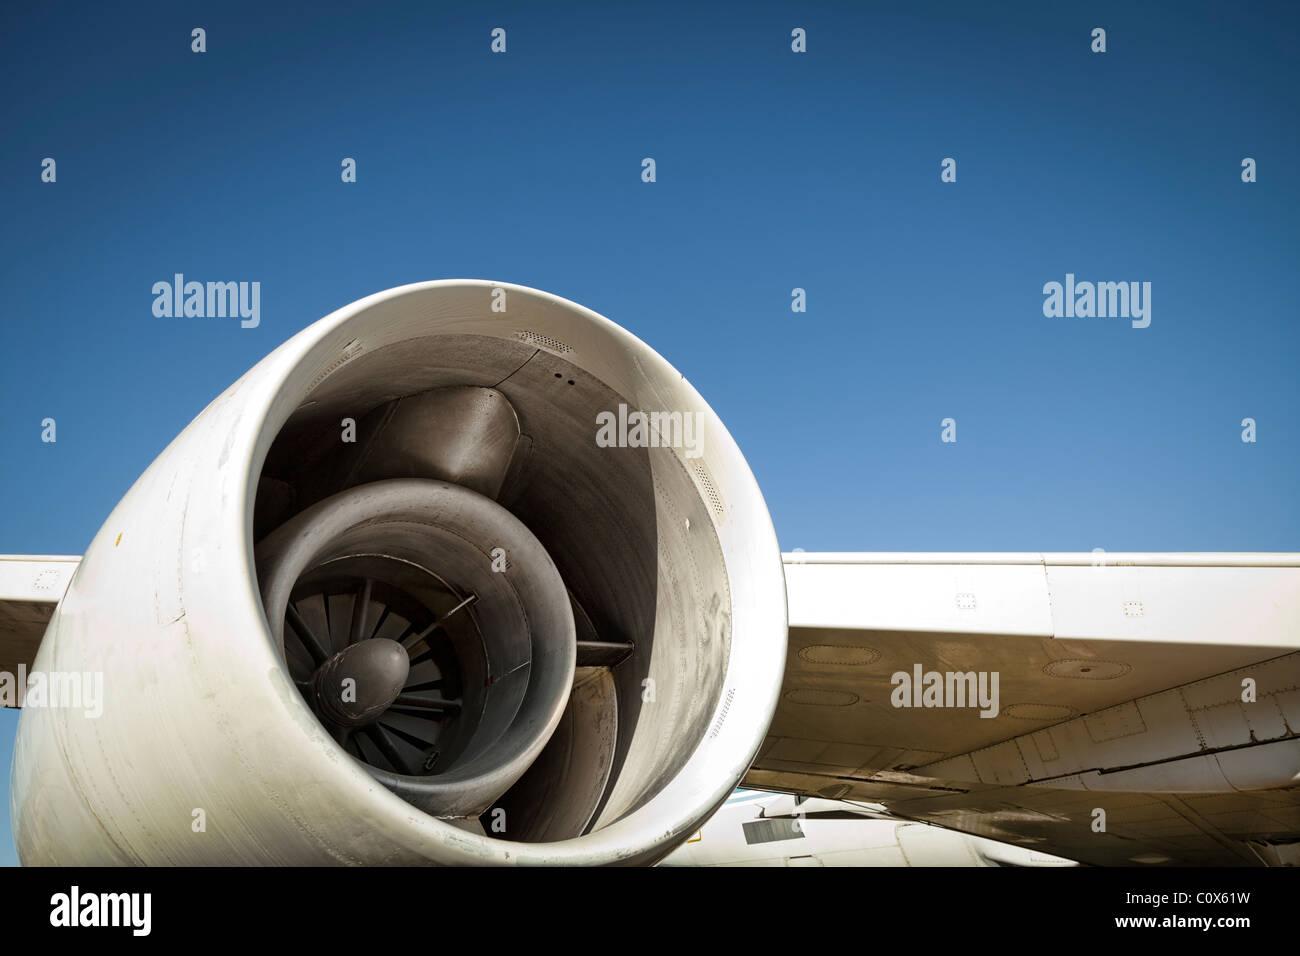 Aeromobile Jet dettagli piano contro il cielo blu. Motore. Aeromobili: Convair CV-990 Immagini Stock